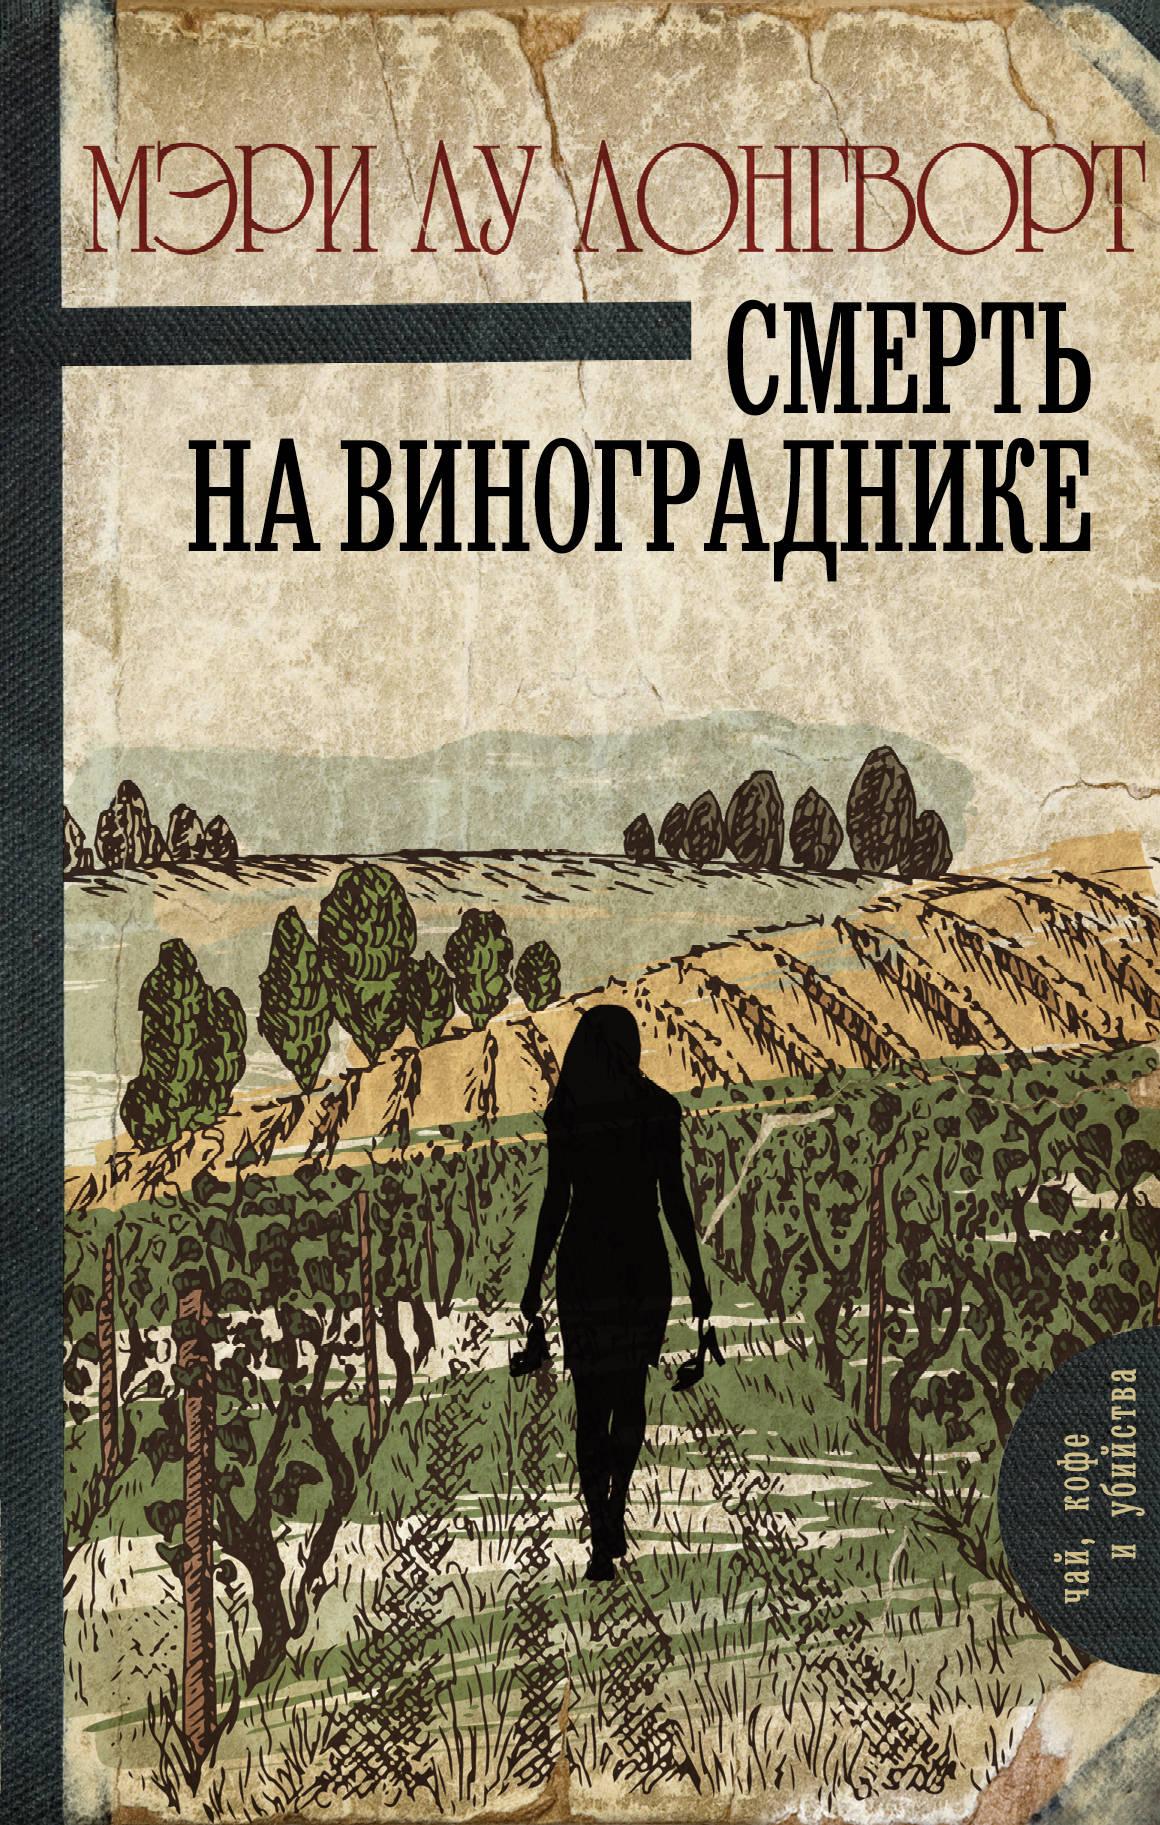 Мэри Лонгворт Смерть на винограднике